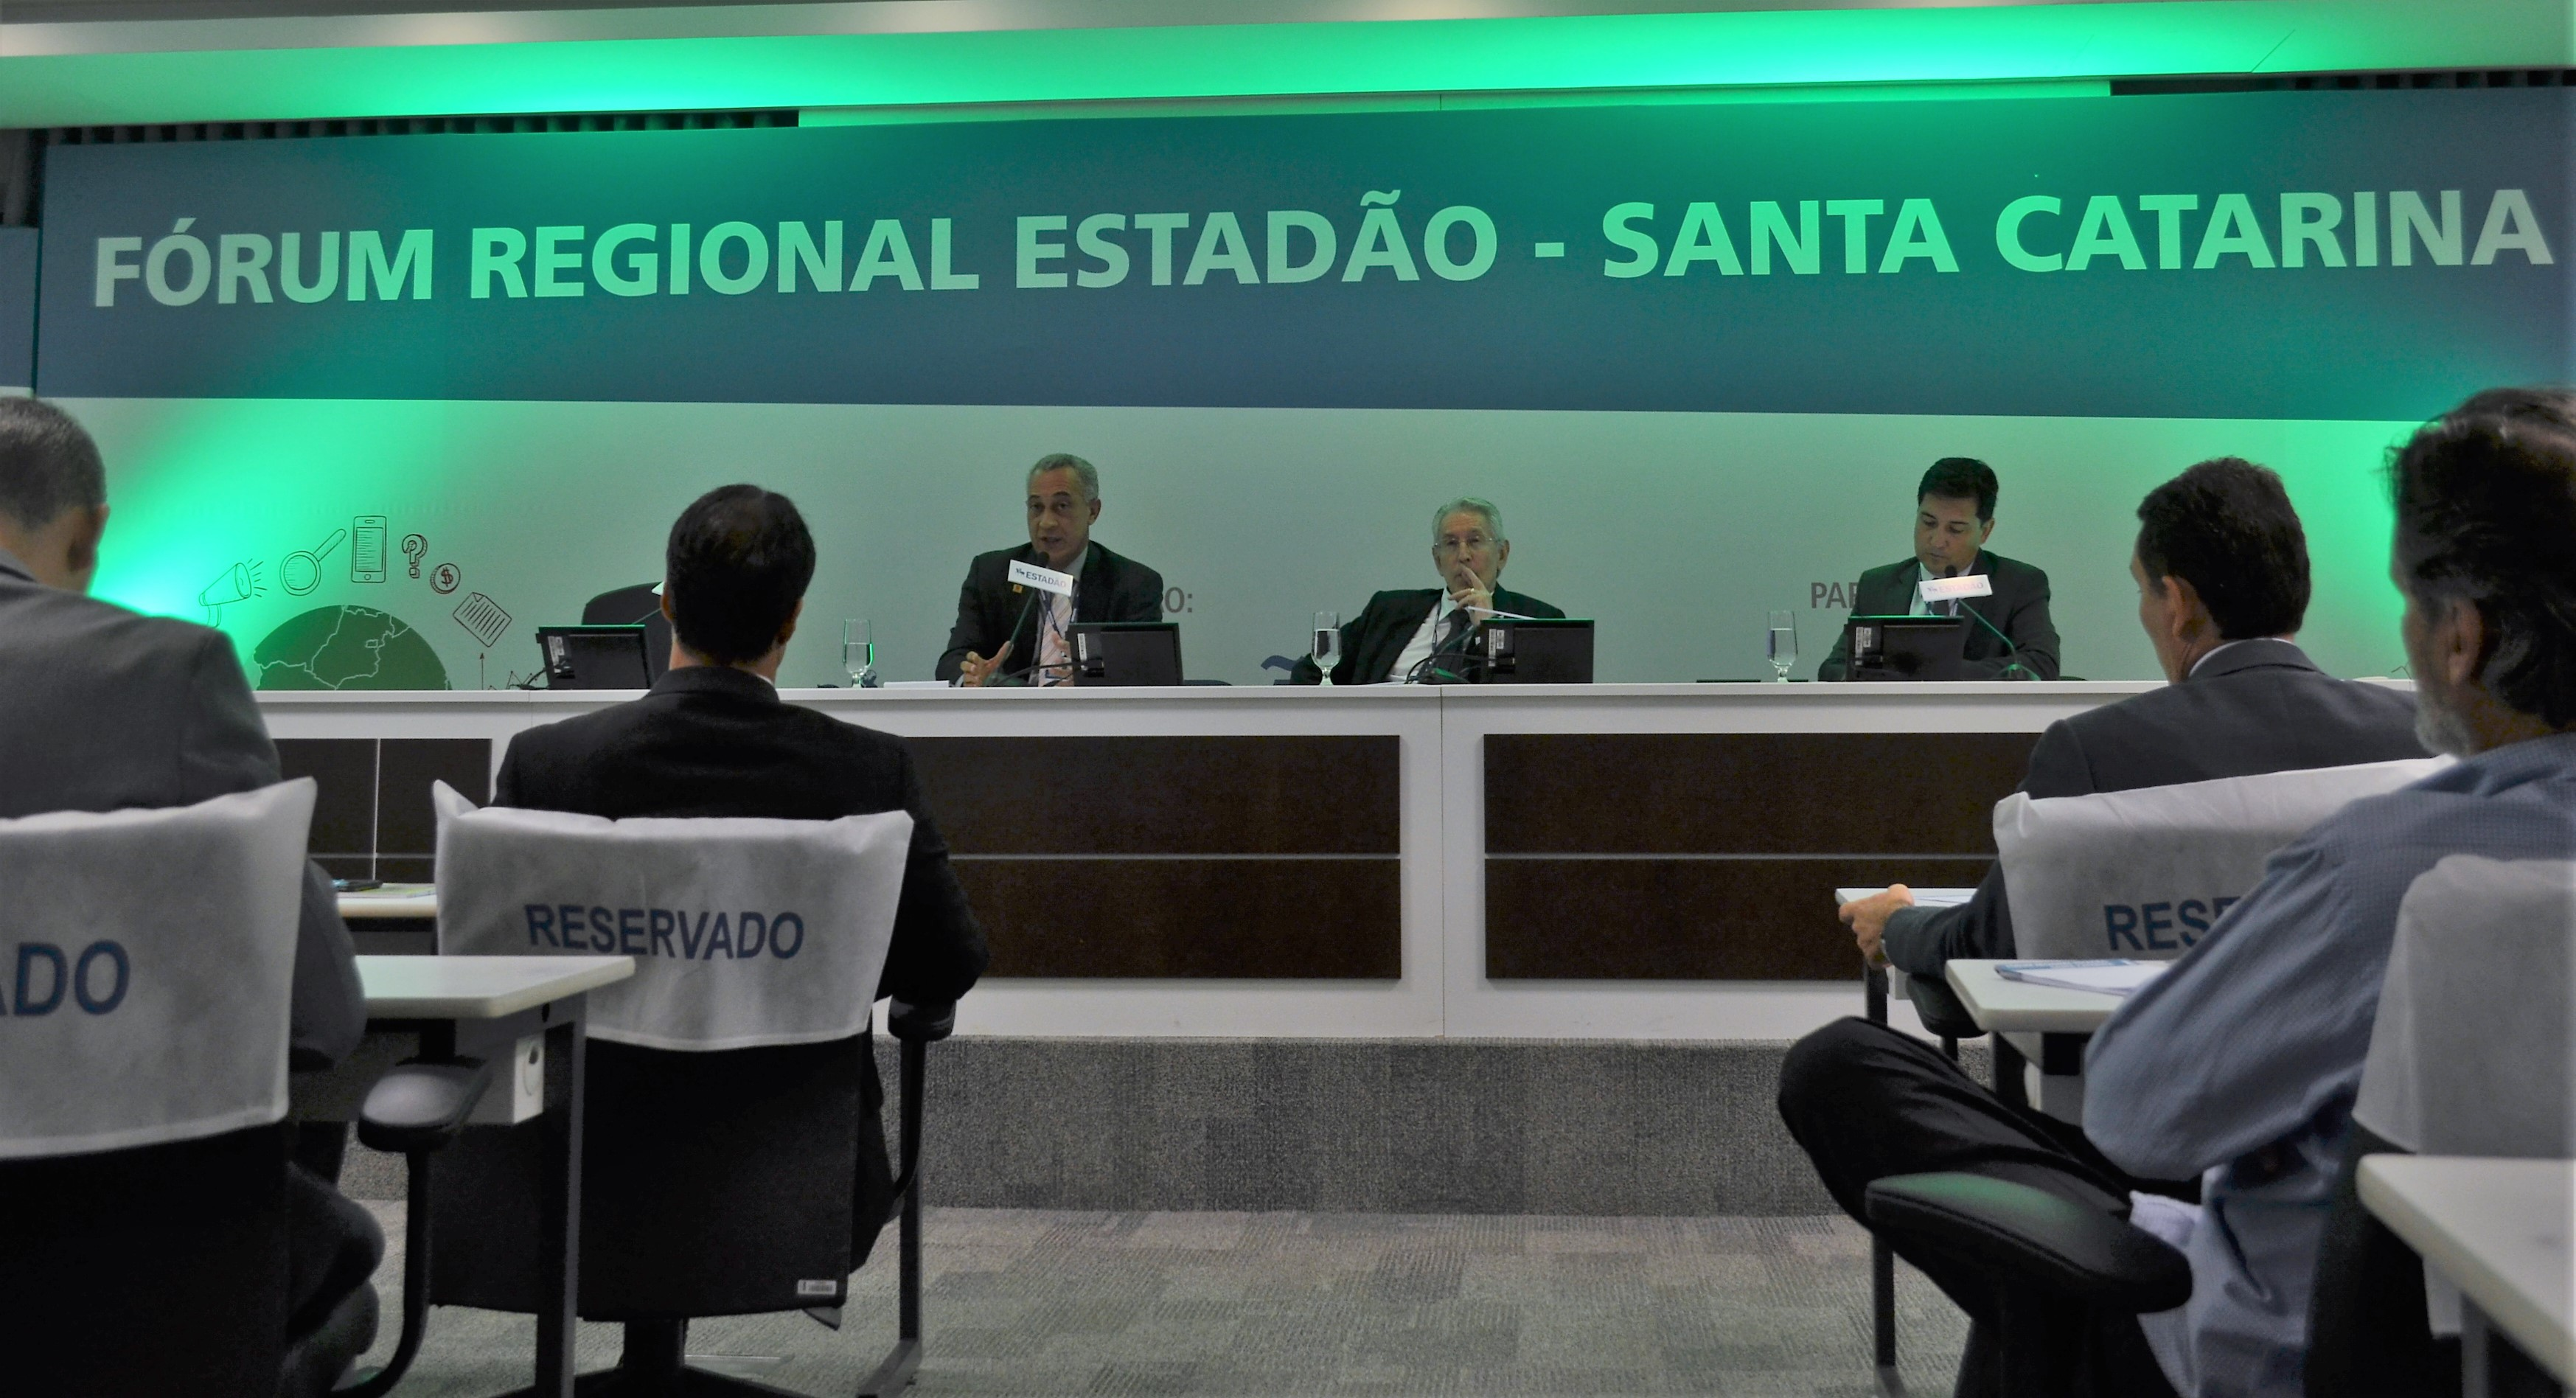 forum Estadão